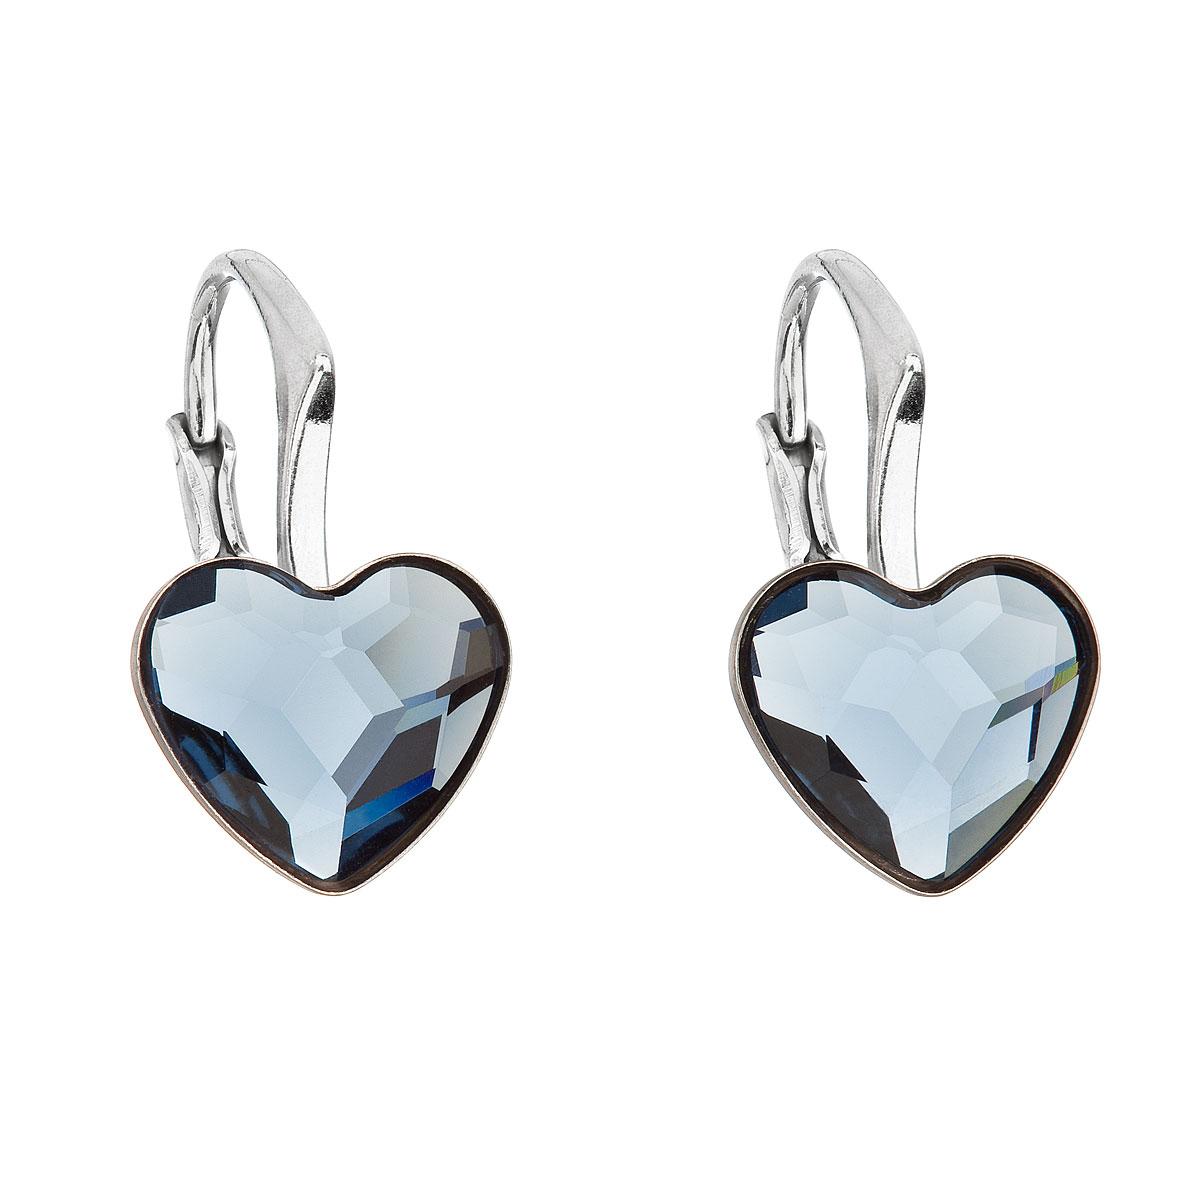 Evolution Group Stříbrné náušnice visací s krystaly Swarovski modré srdce 31240.3